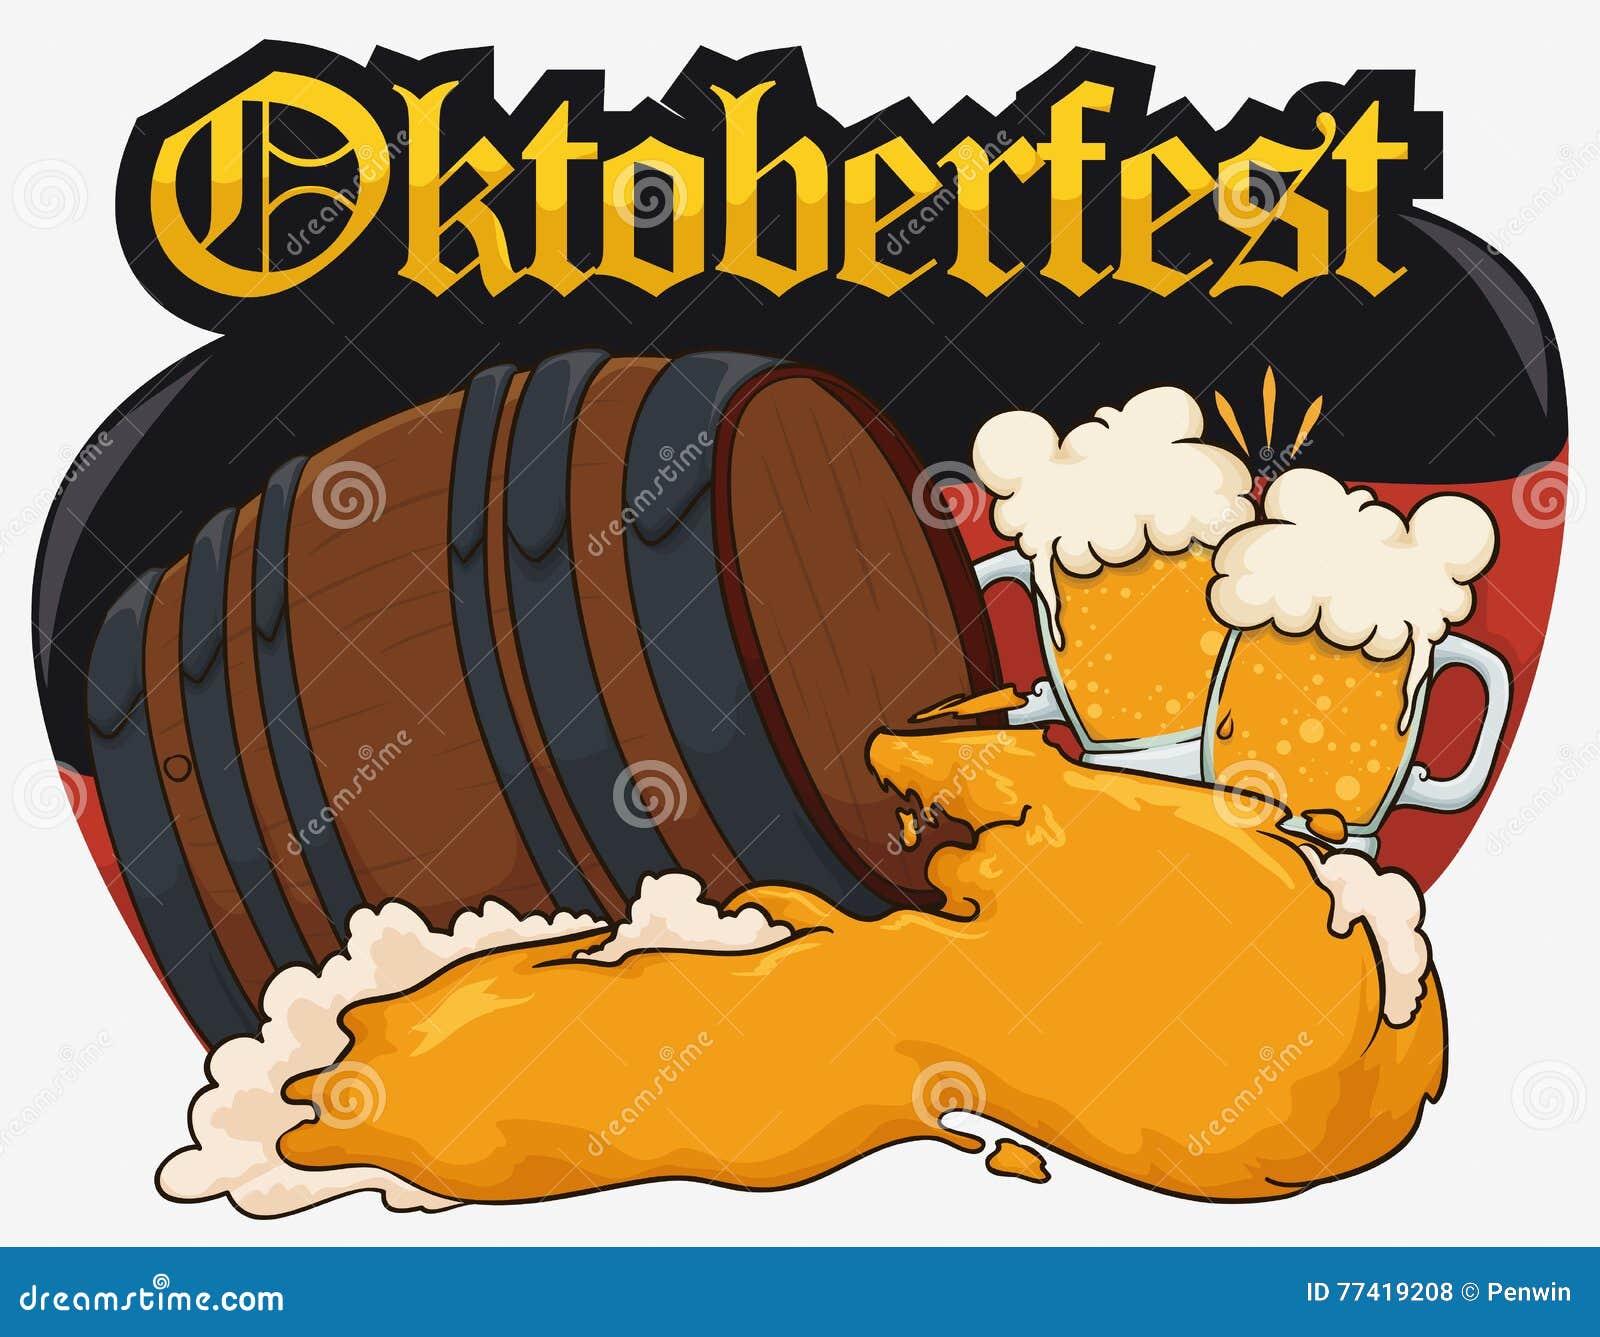 Entwerfen Sie für Oktoberfest mit Bier-Fass, der Beifall, der Deutschland-Flagge, Vektor-Illustration bildet